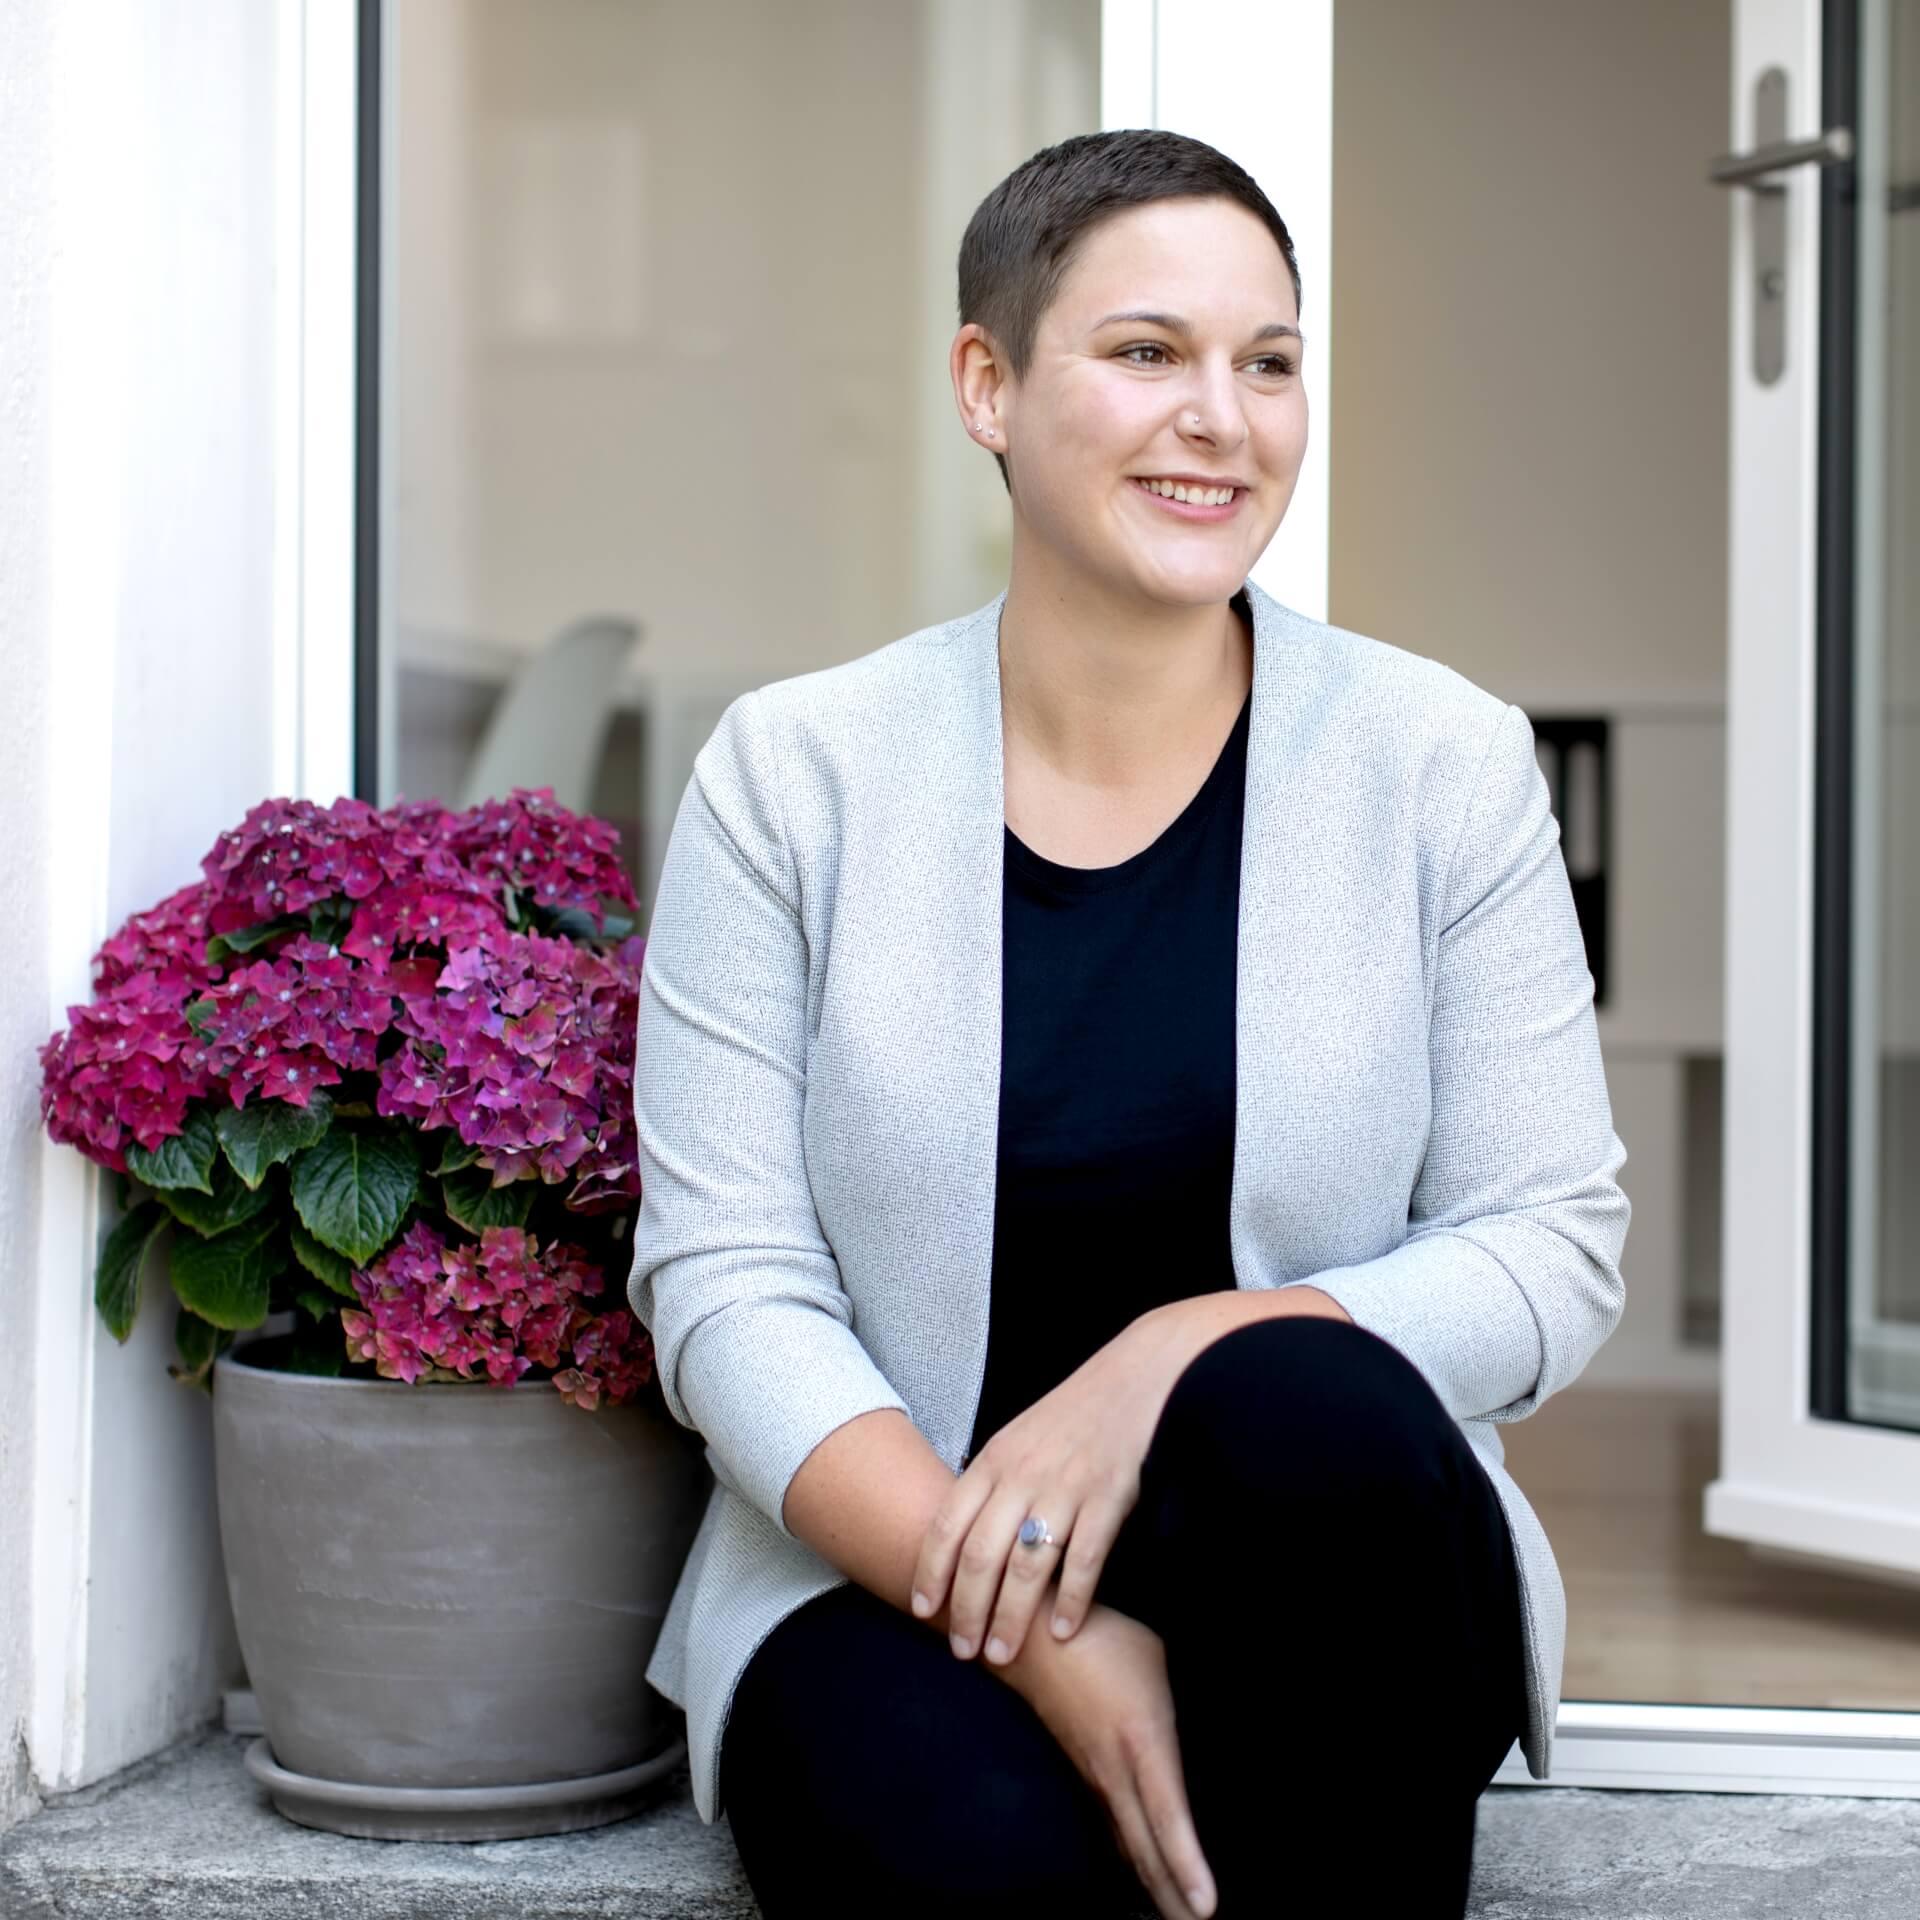 Portraitaufnahme von Katja Meier, der Inhaberin von der planen eintichten gestalten gmbh. Sie trägt dunkle Kleider und einen hellen Blaizer, sitz auf der Steintreppe vor dem Büroeingang, hat Ihren Kopf leicht zur Seite gedreht und lächelt freundlich.